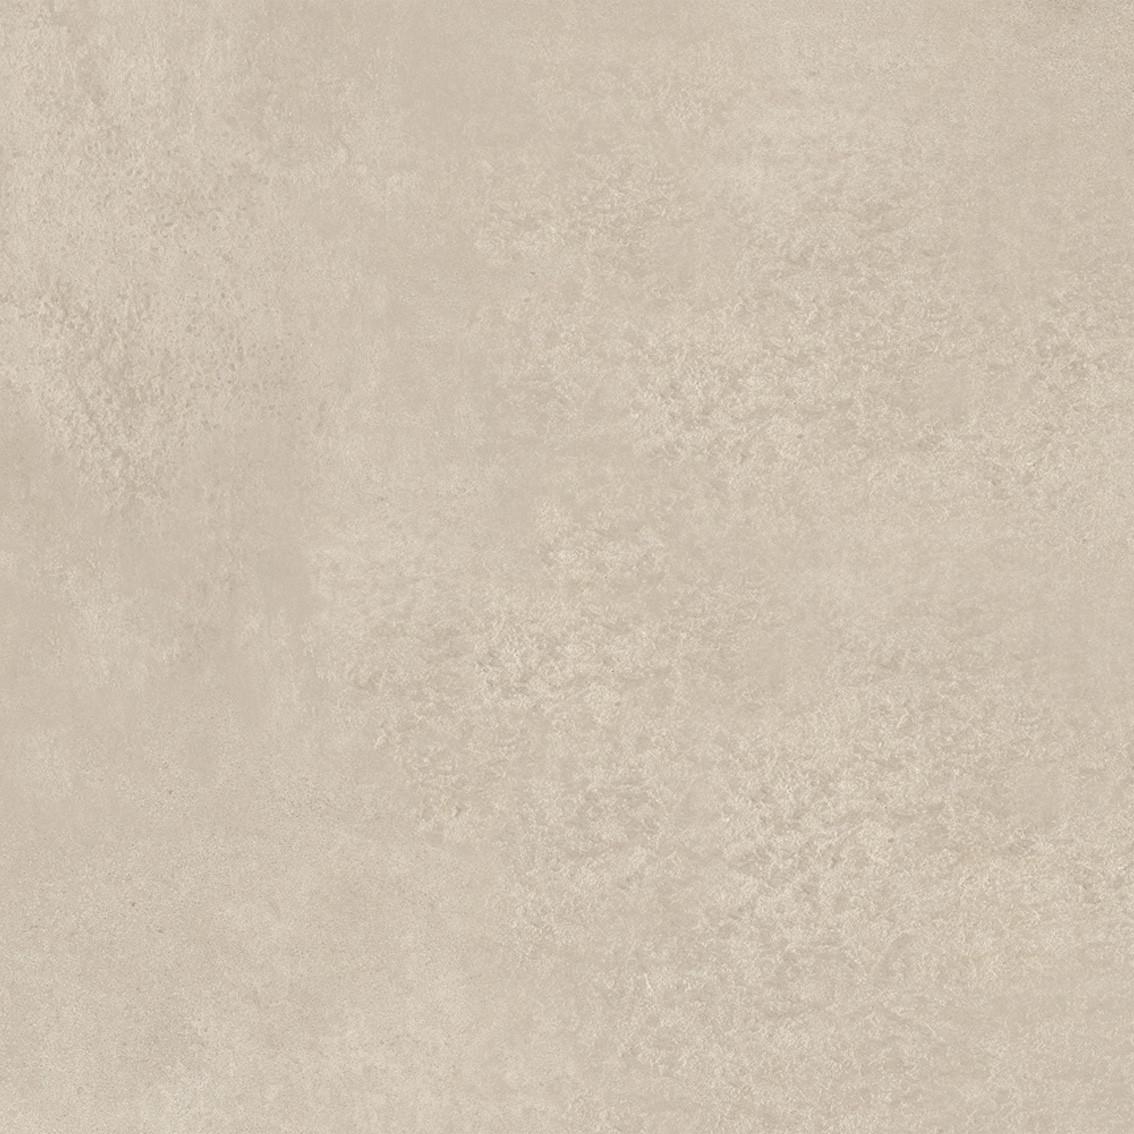 Керамогранит Golden Tile Swedish Wallpapers темно-бежевый 73H830 40×40 см